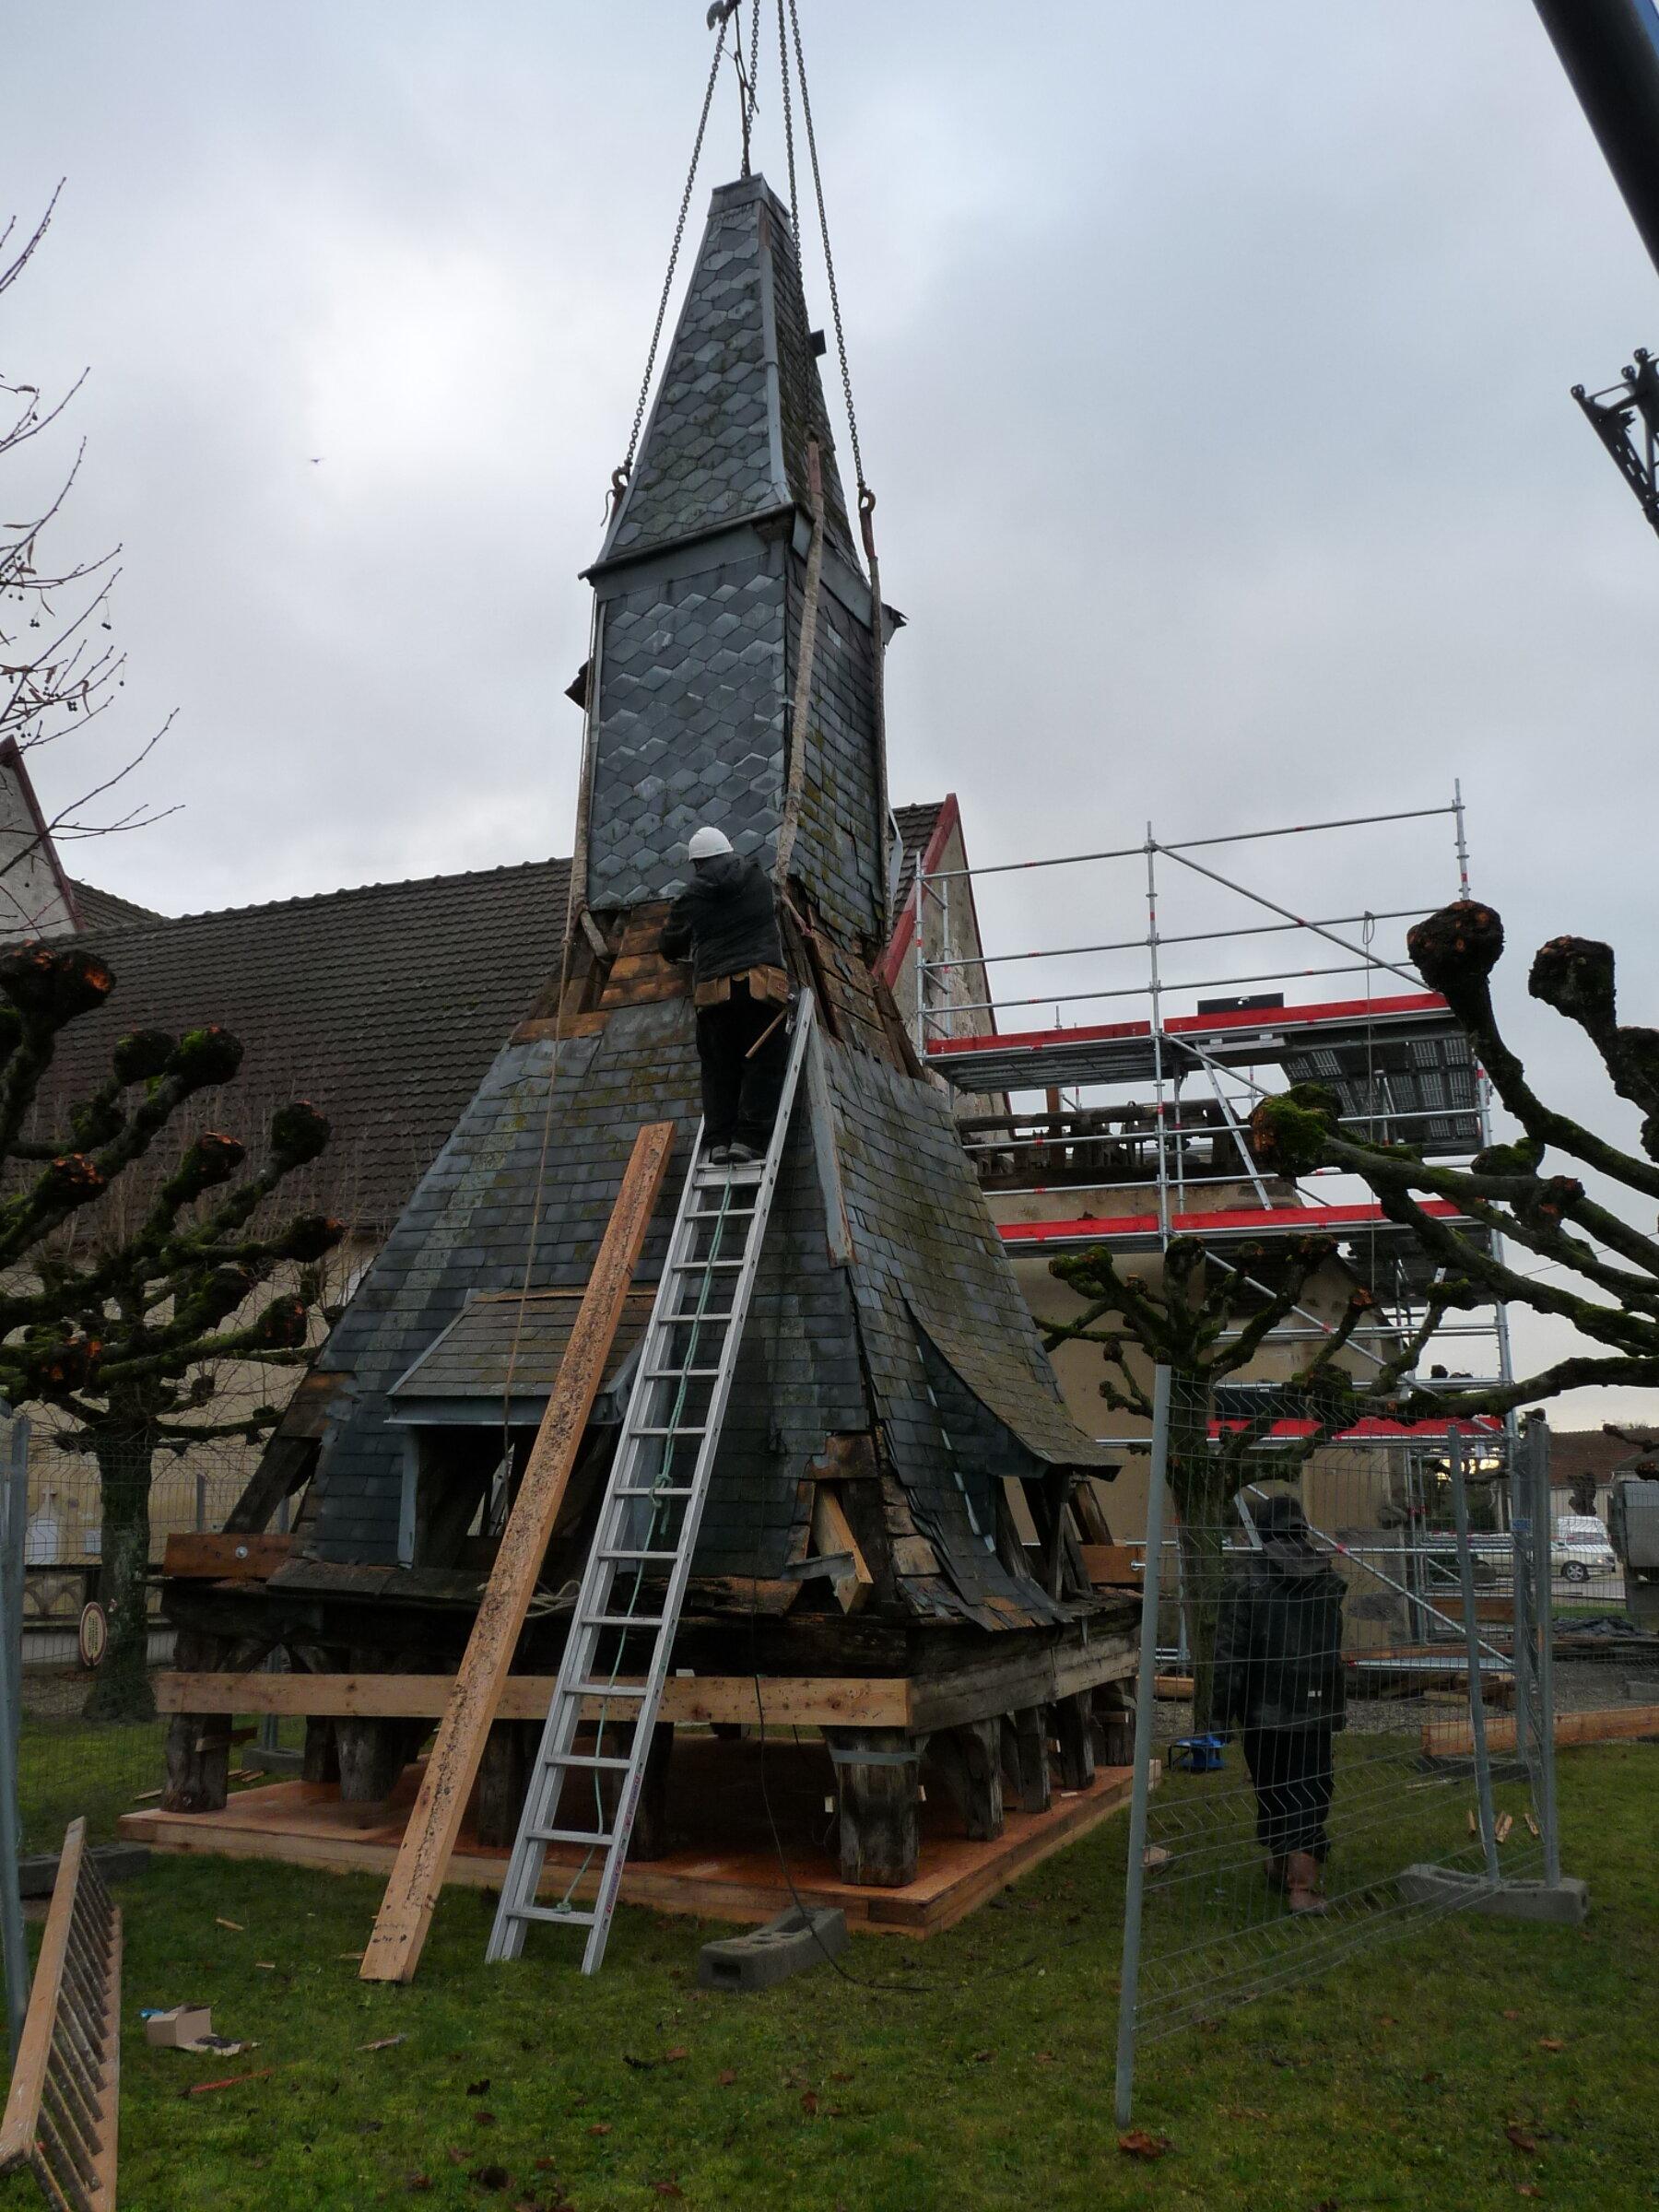 RESTAURATION DU CLOCHER DE L'EGLISE